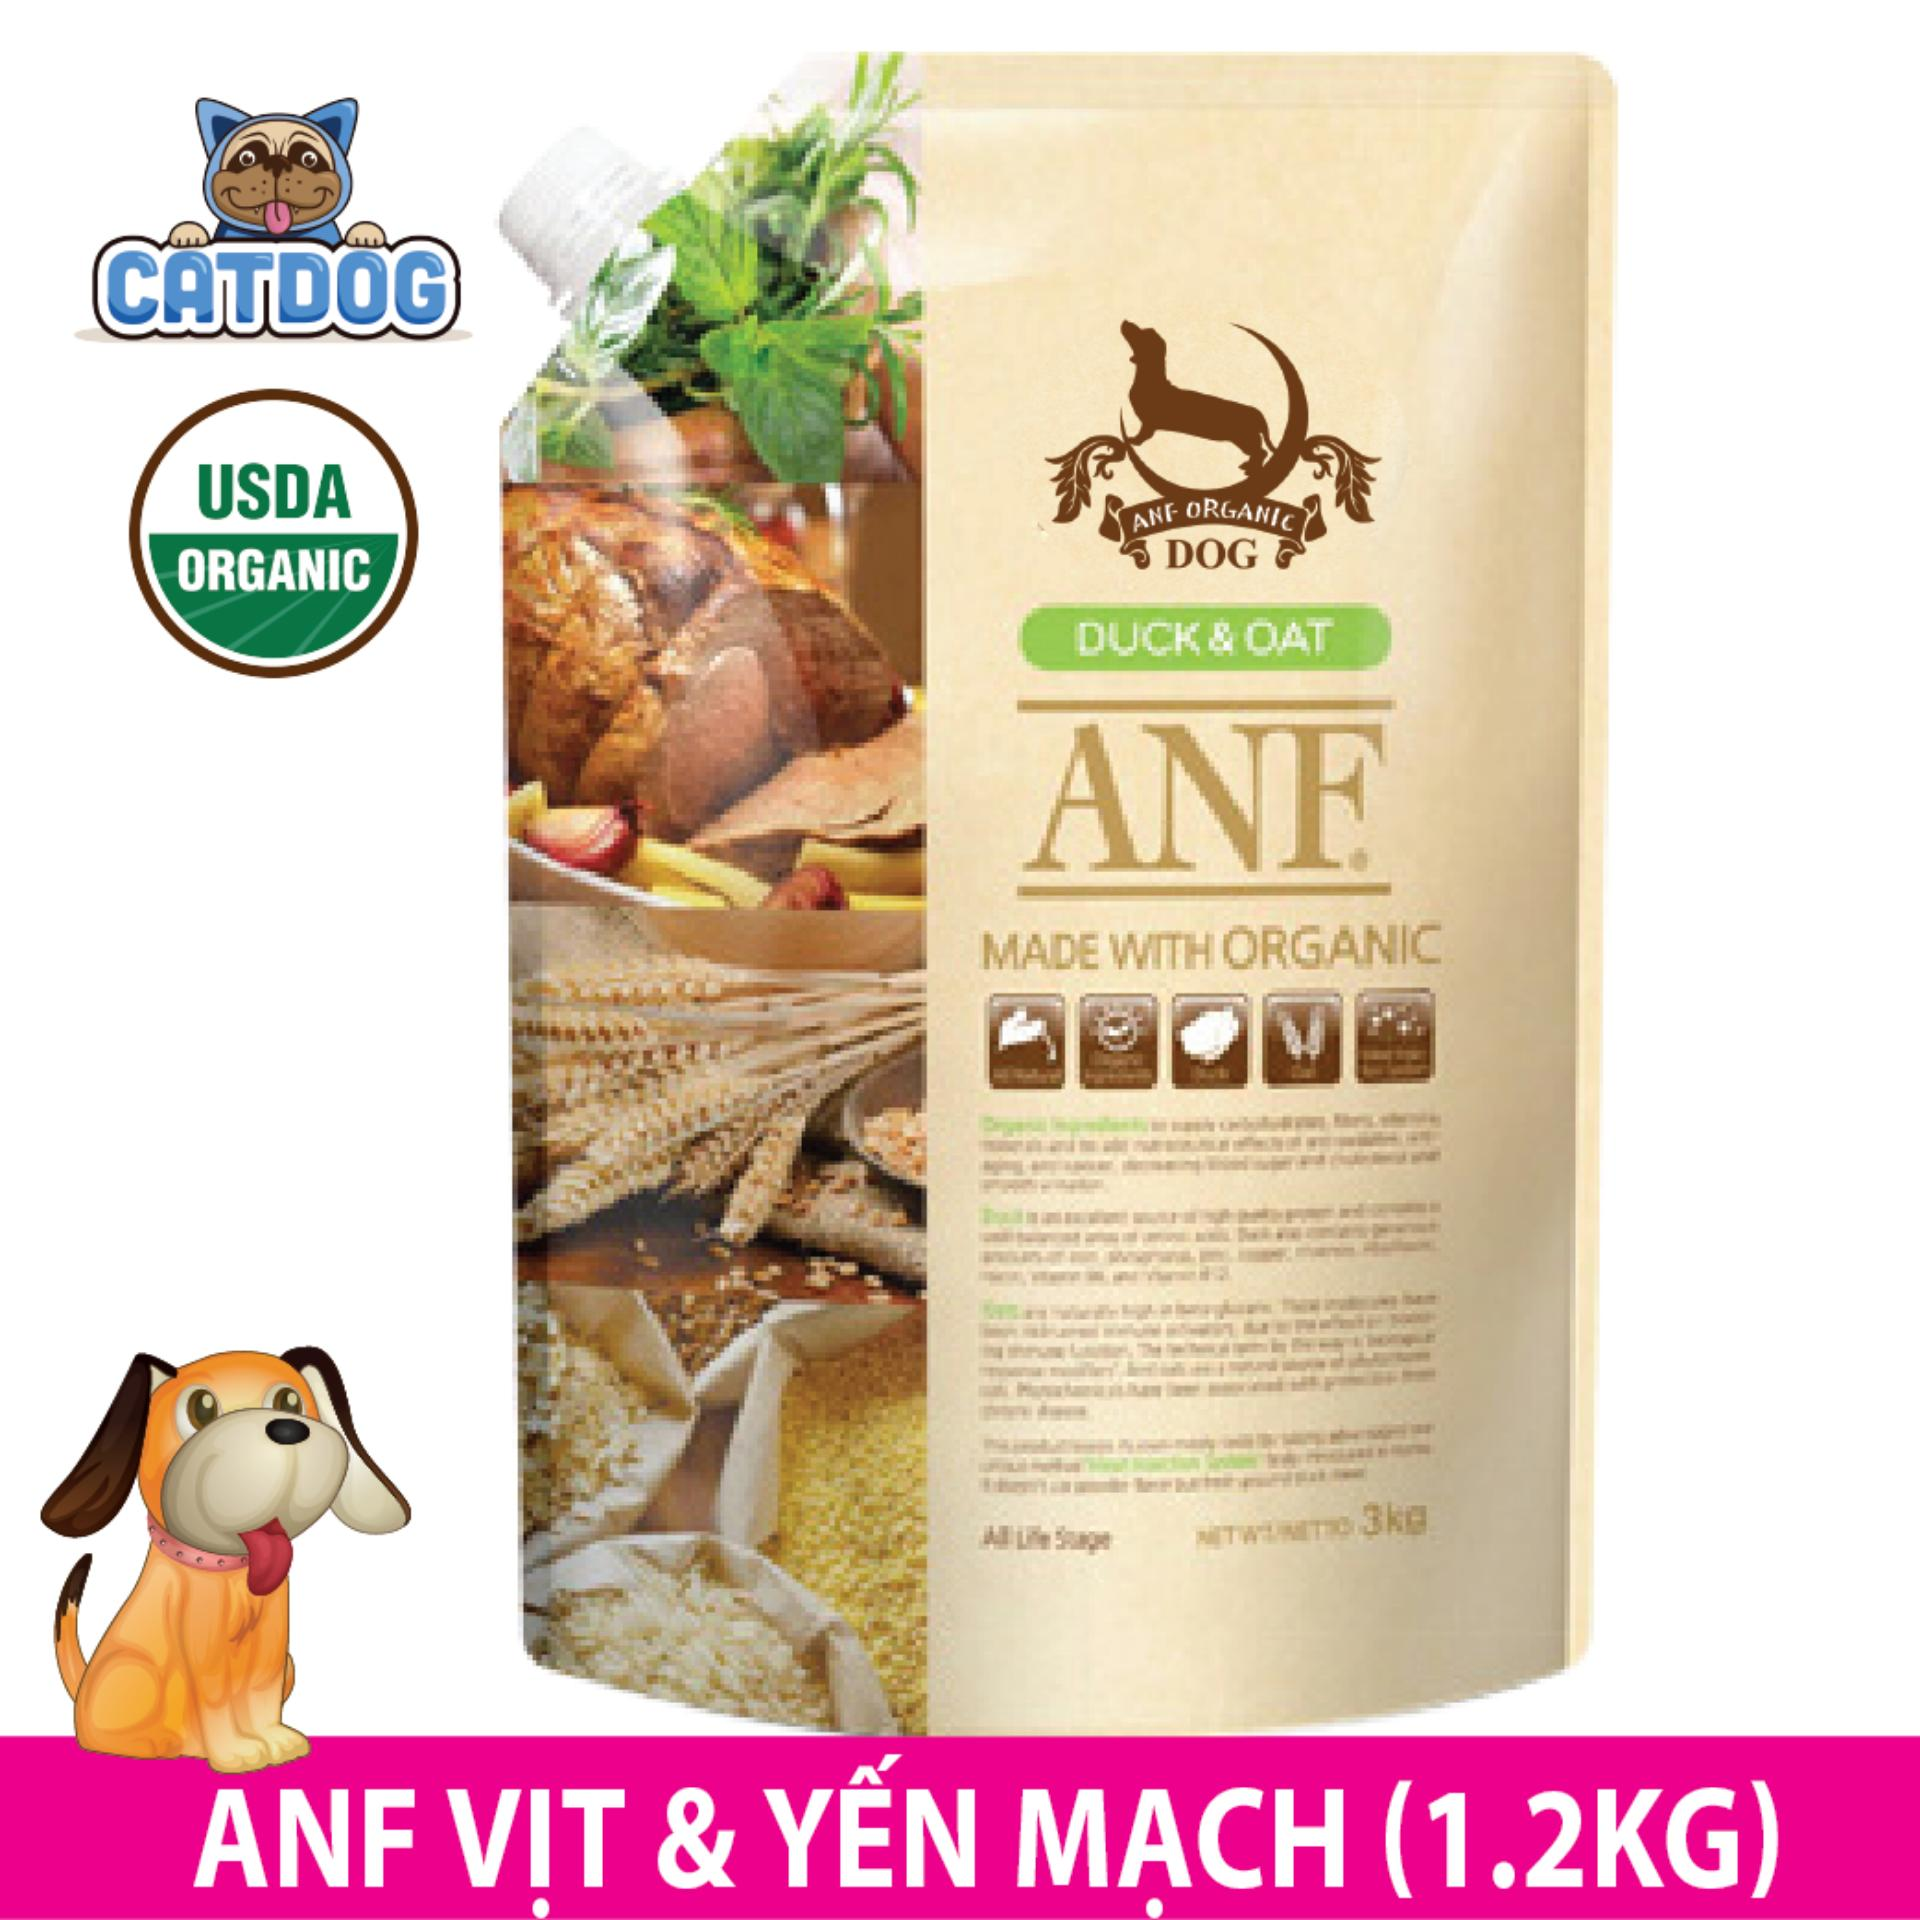 Giá Bán Hạt Anf Made With Organic Vị Vịt Va Yến Mạch 1 2Kg Cho Anf Nguyên